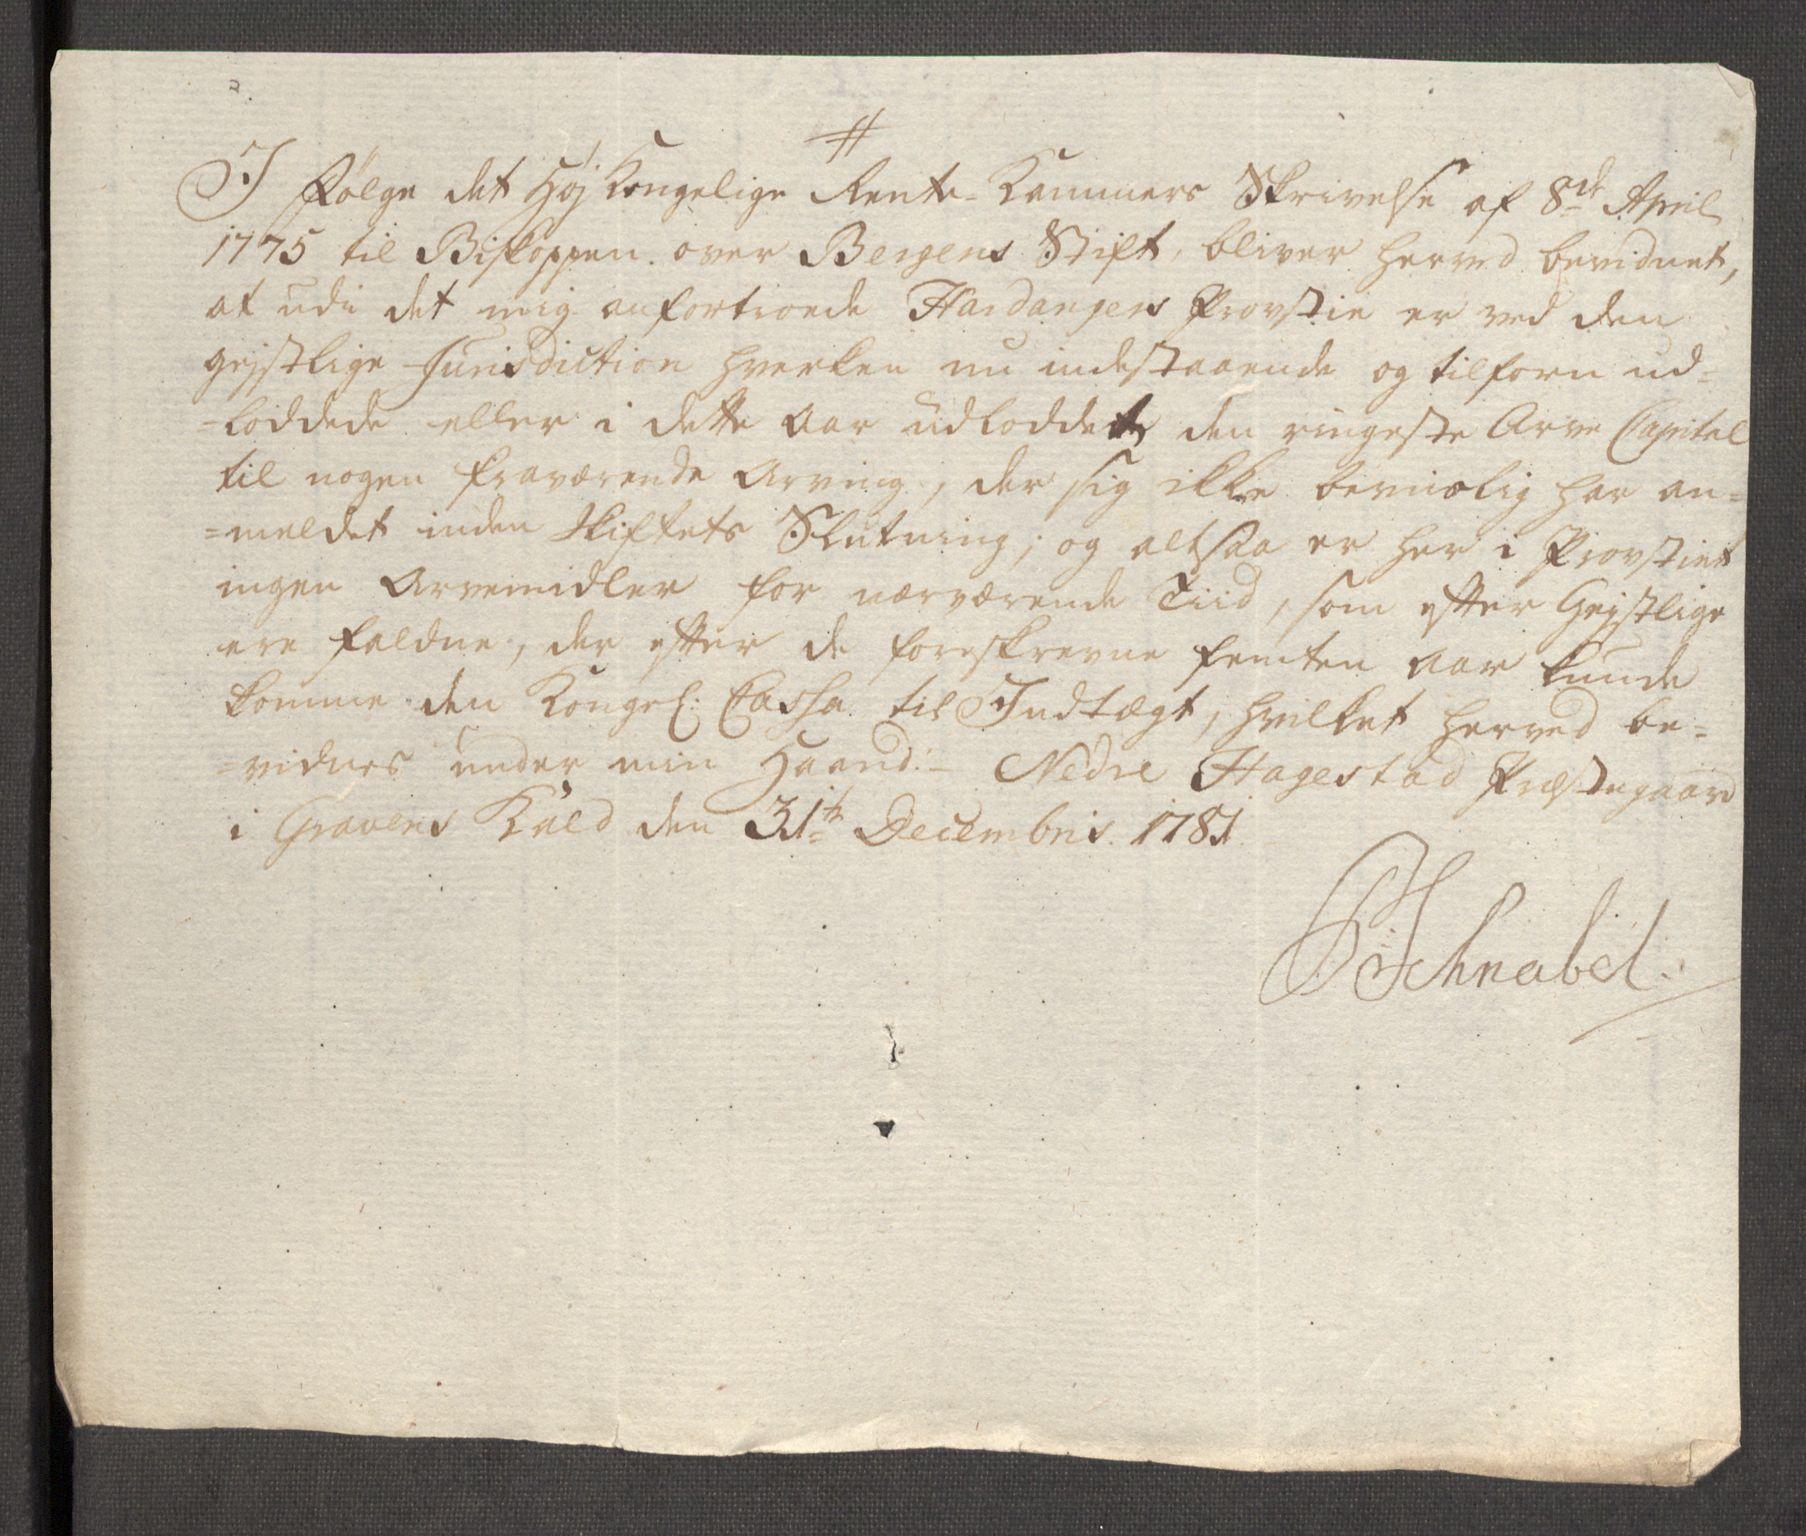 RA, Rentekammeret inntil 1814, Reviderte regnskaper, Fogderegnskap, R48/L3097: Fogderegnskap Sunnhordland og Hardanger, 1781, s. 259